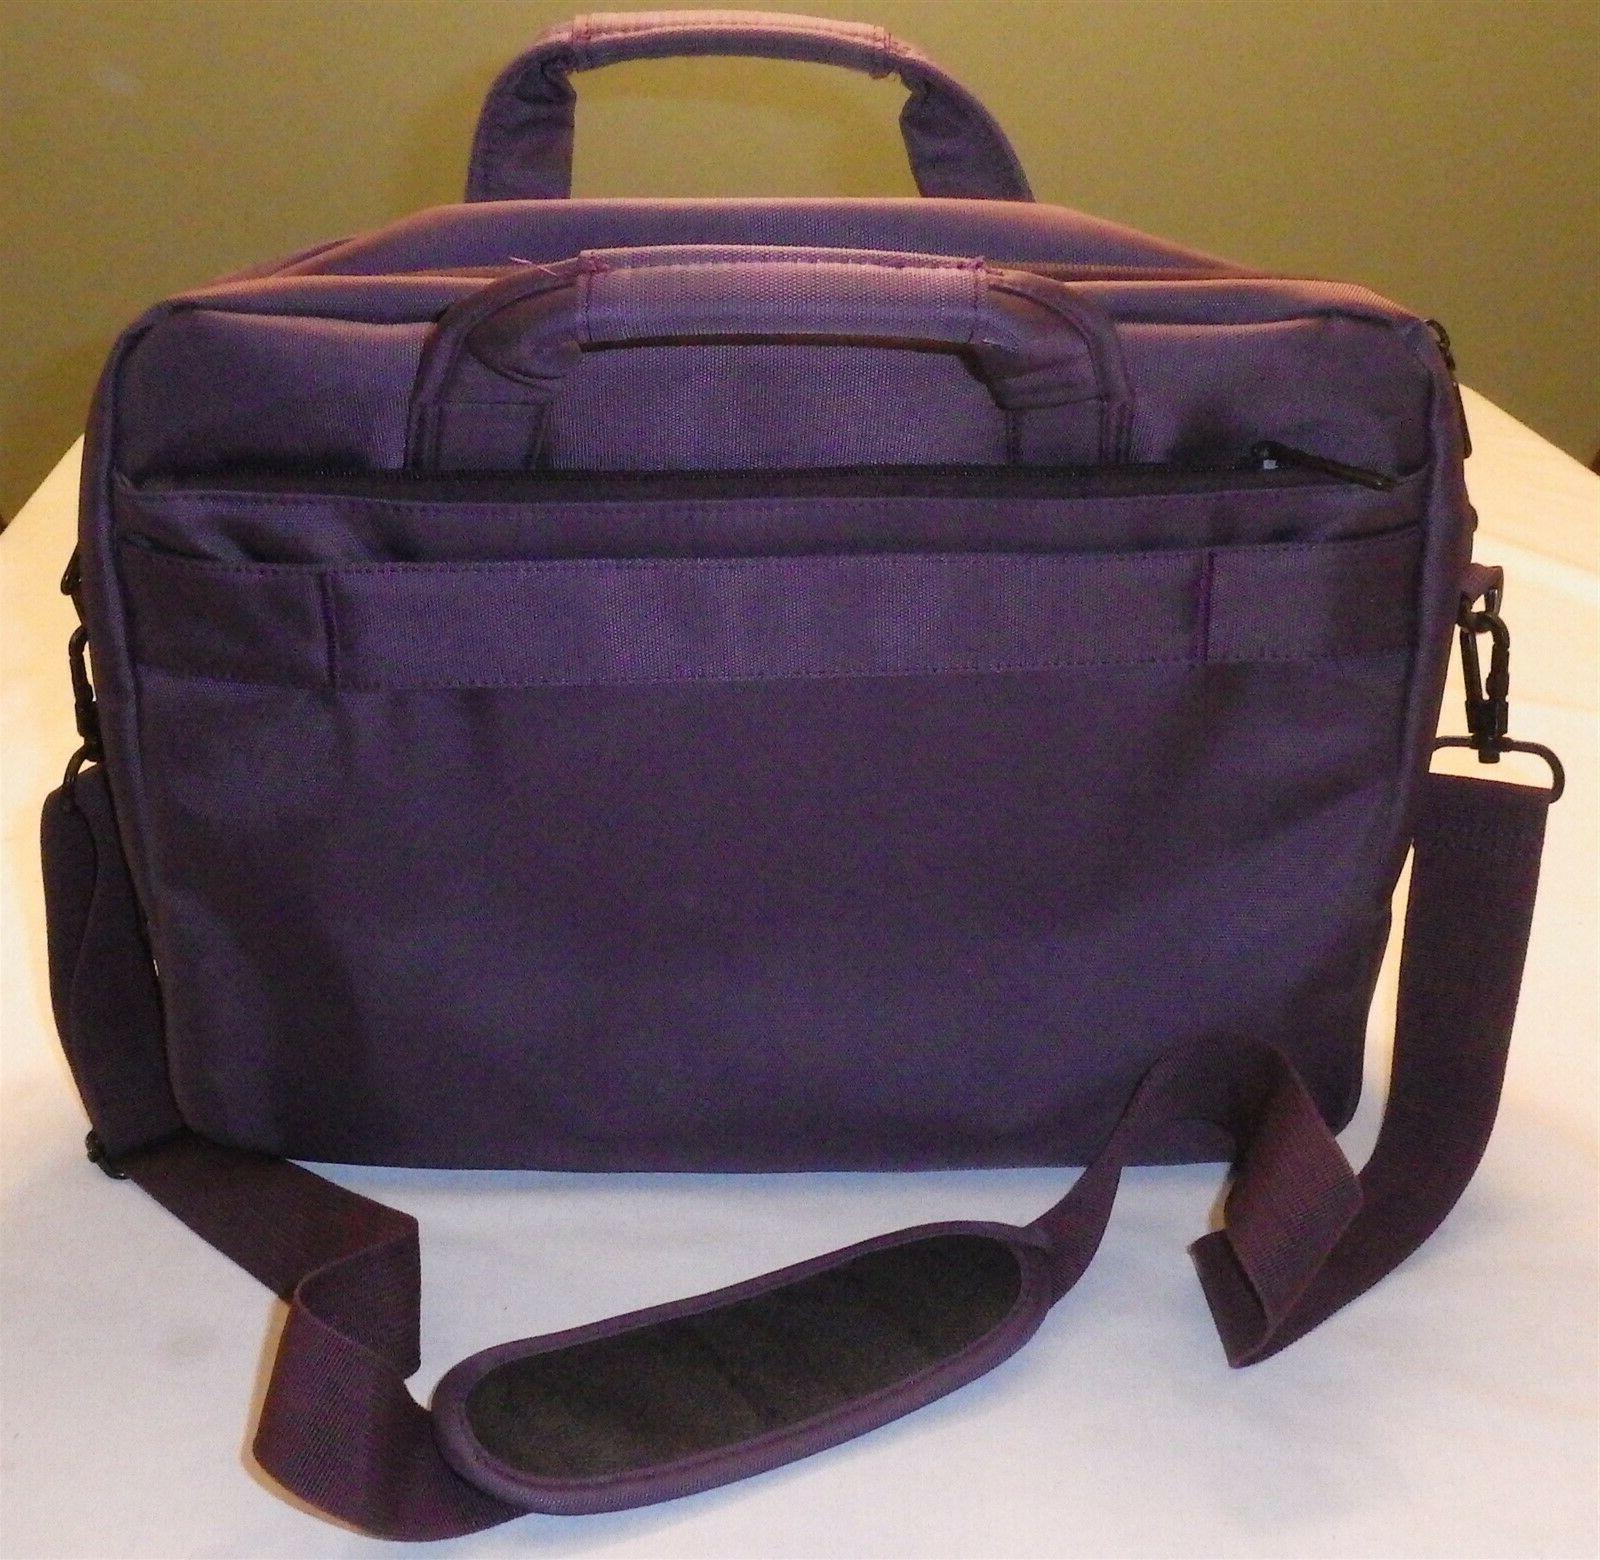 NEW Brinch Padded Sleeve Waterproof Bag